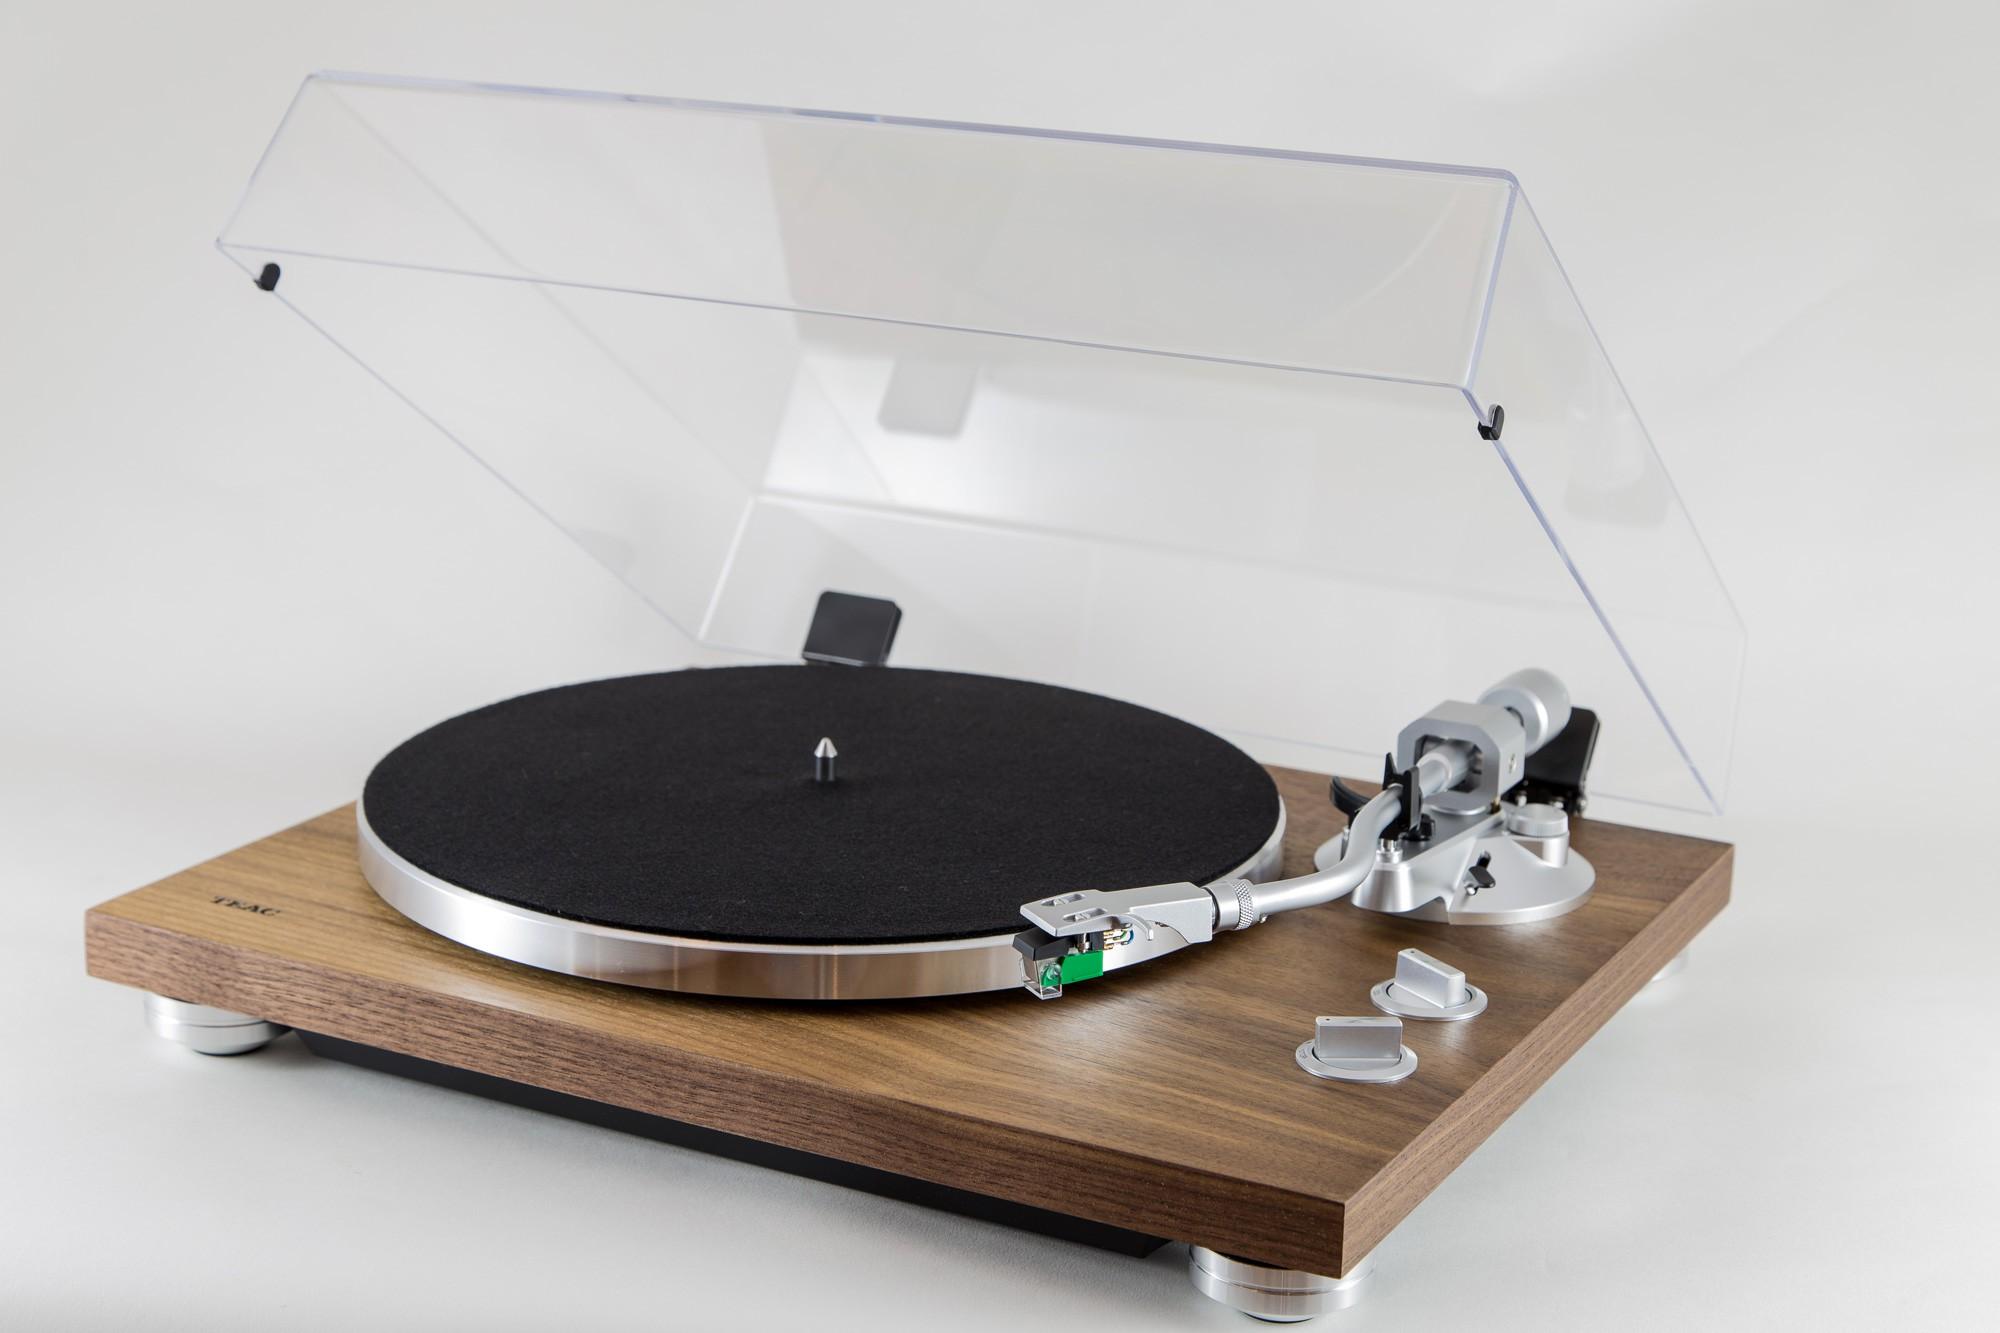 tn 400bt une nouvelle platine vinyle bluetooth chez teac. Black Bedroom Furniture Sets. Home Design Ideas